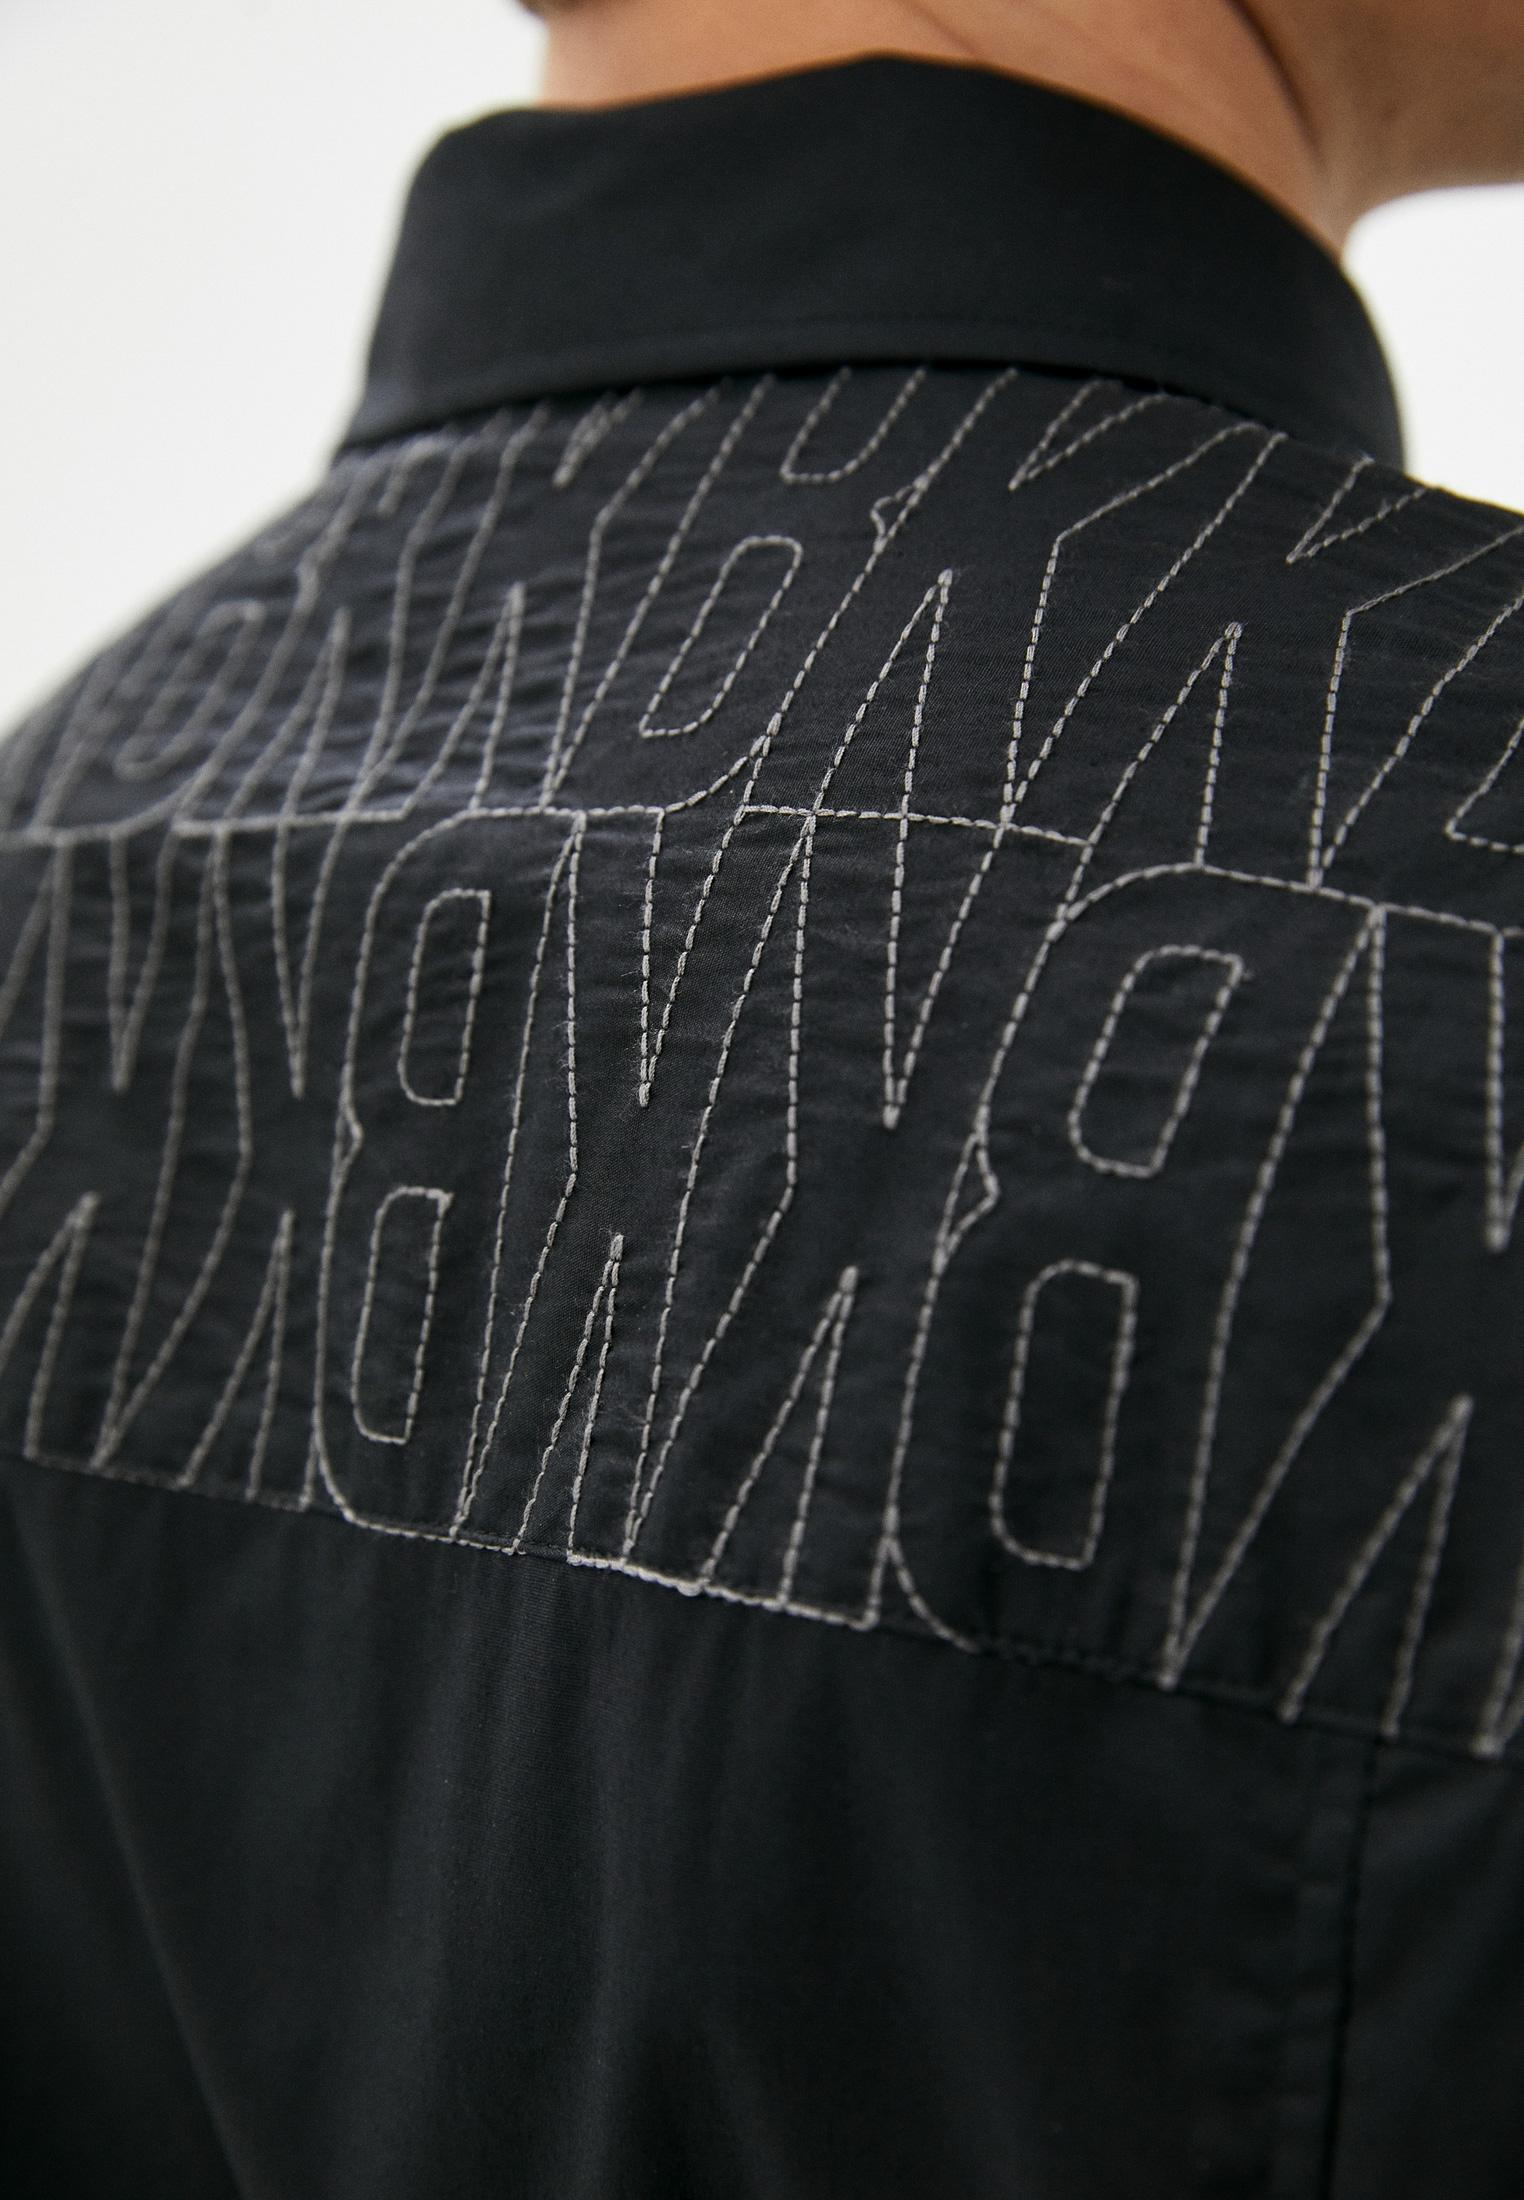 Рубашка с длинным рукавом Bikkembergs (Биккембергс) C C 009 7V S 2931: изображение 5